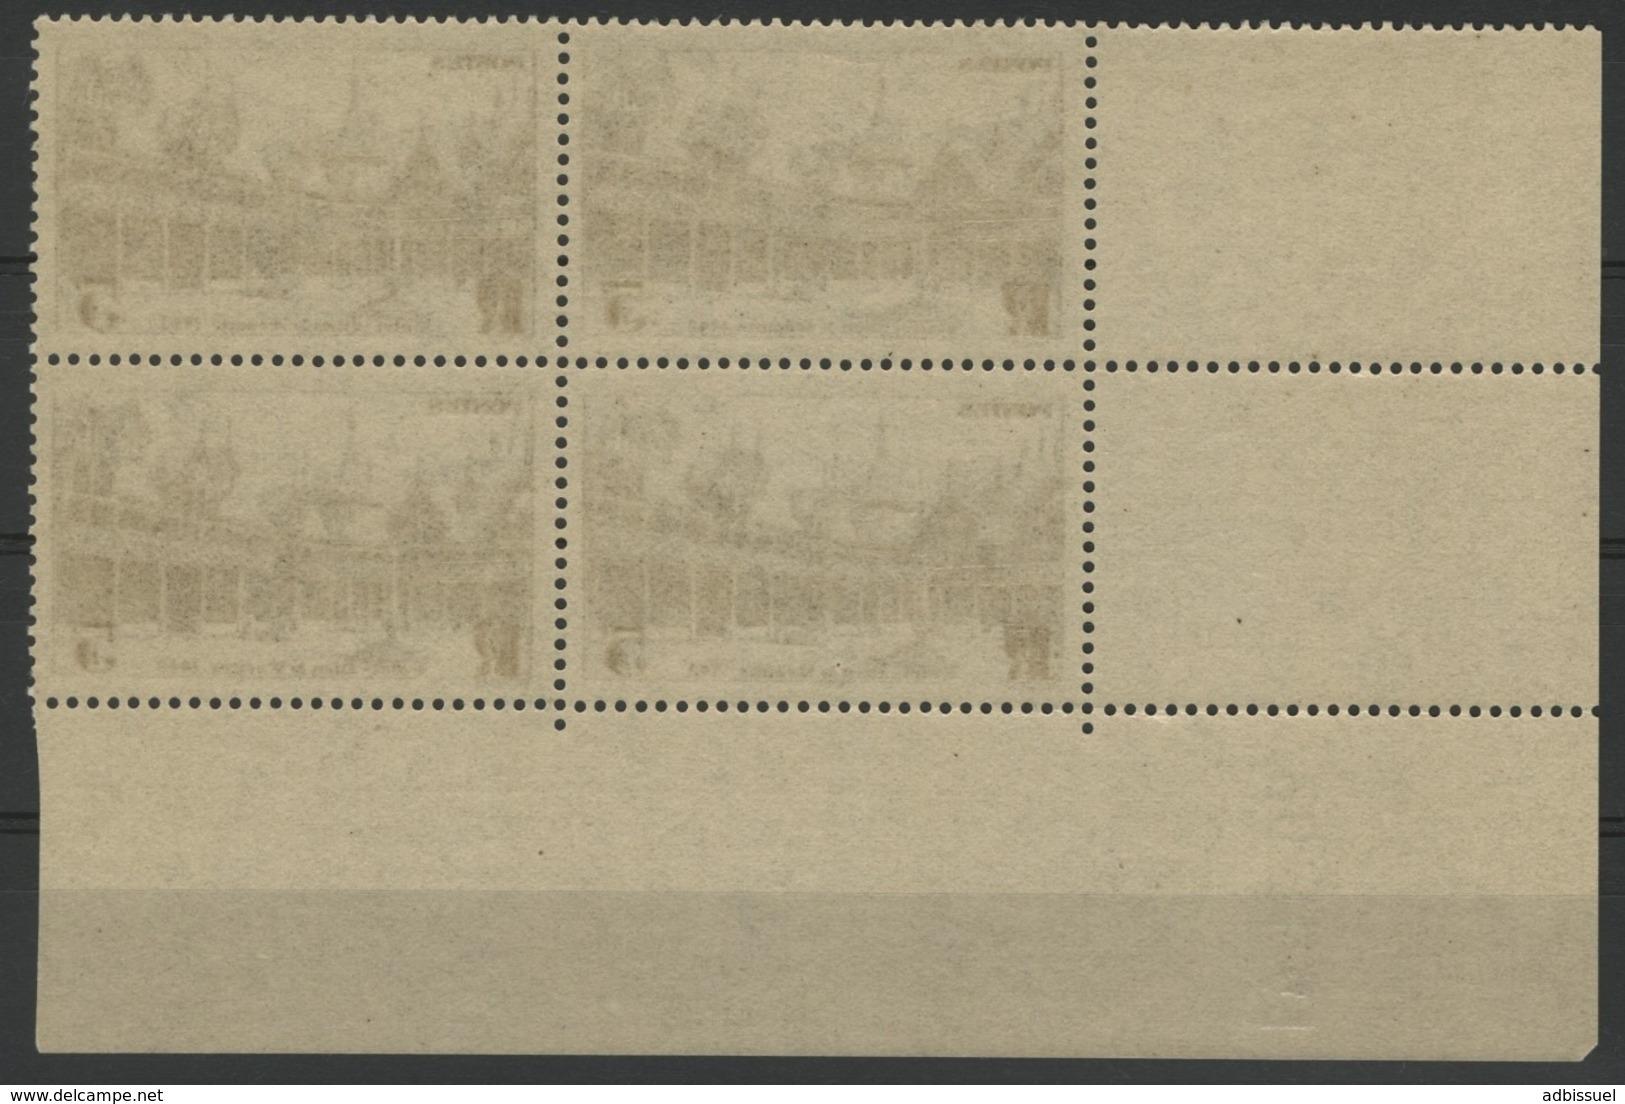 """N° 498 ** (MNH). Coin Daté Du 29/11/41 / Bloc De Quatre """"Hôtel Dieu De Beaunel"""". - Ecken (Datum)"""